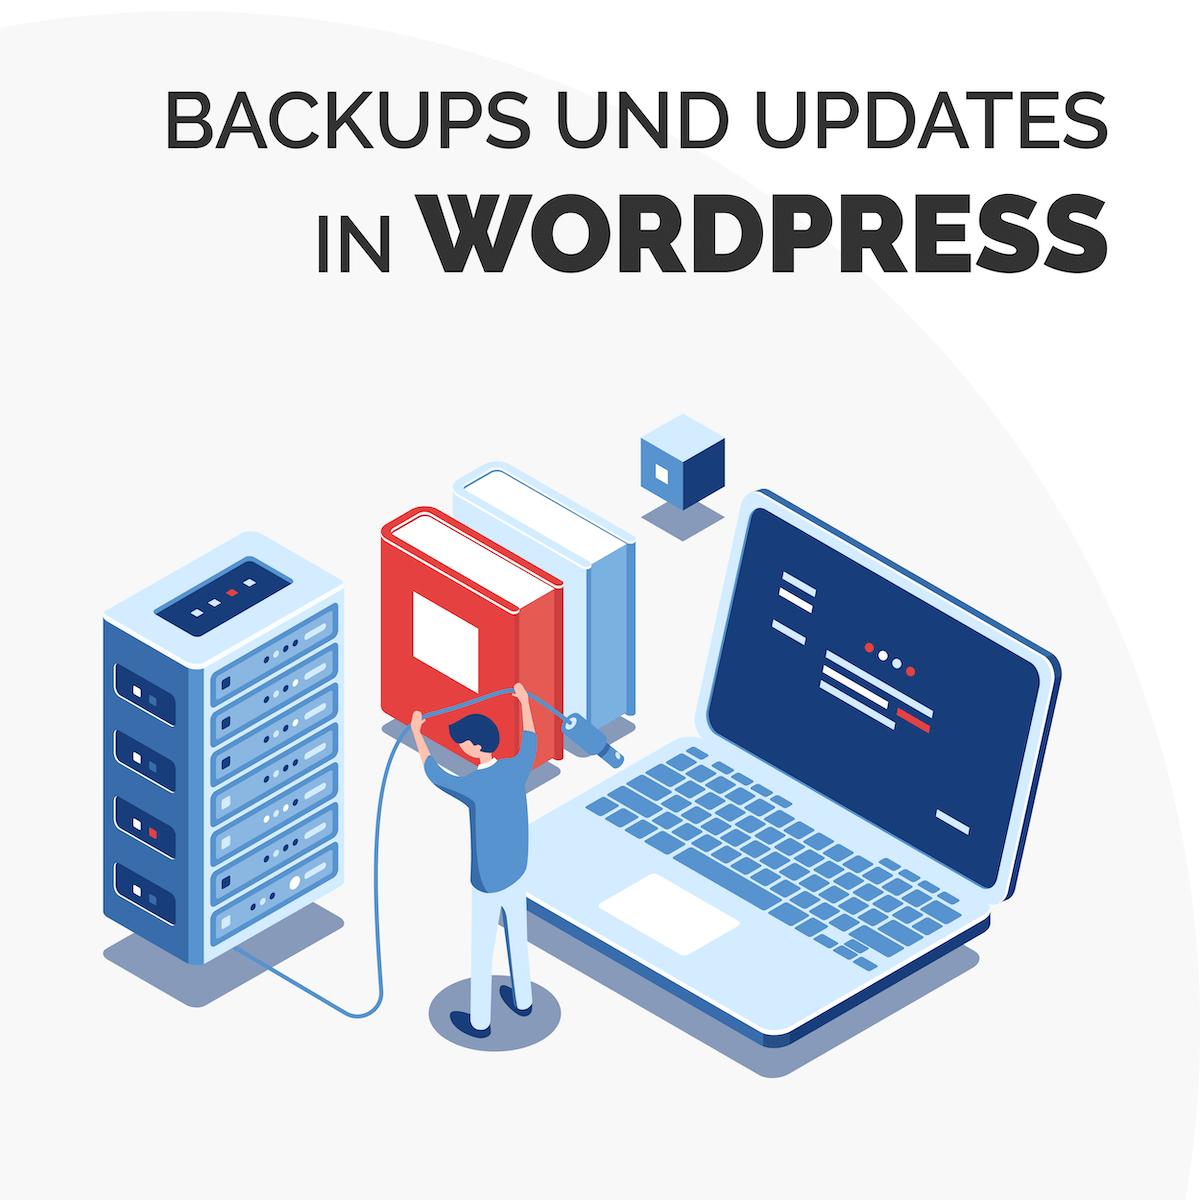 geschmacksRaum_WERBEAGENTUR_Backups_und_Updates_in_WordPress-So_sichern_und_warten_Sie_Ihre_Website_selbst-t